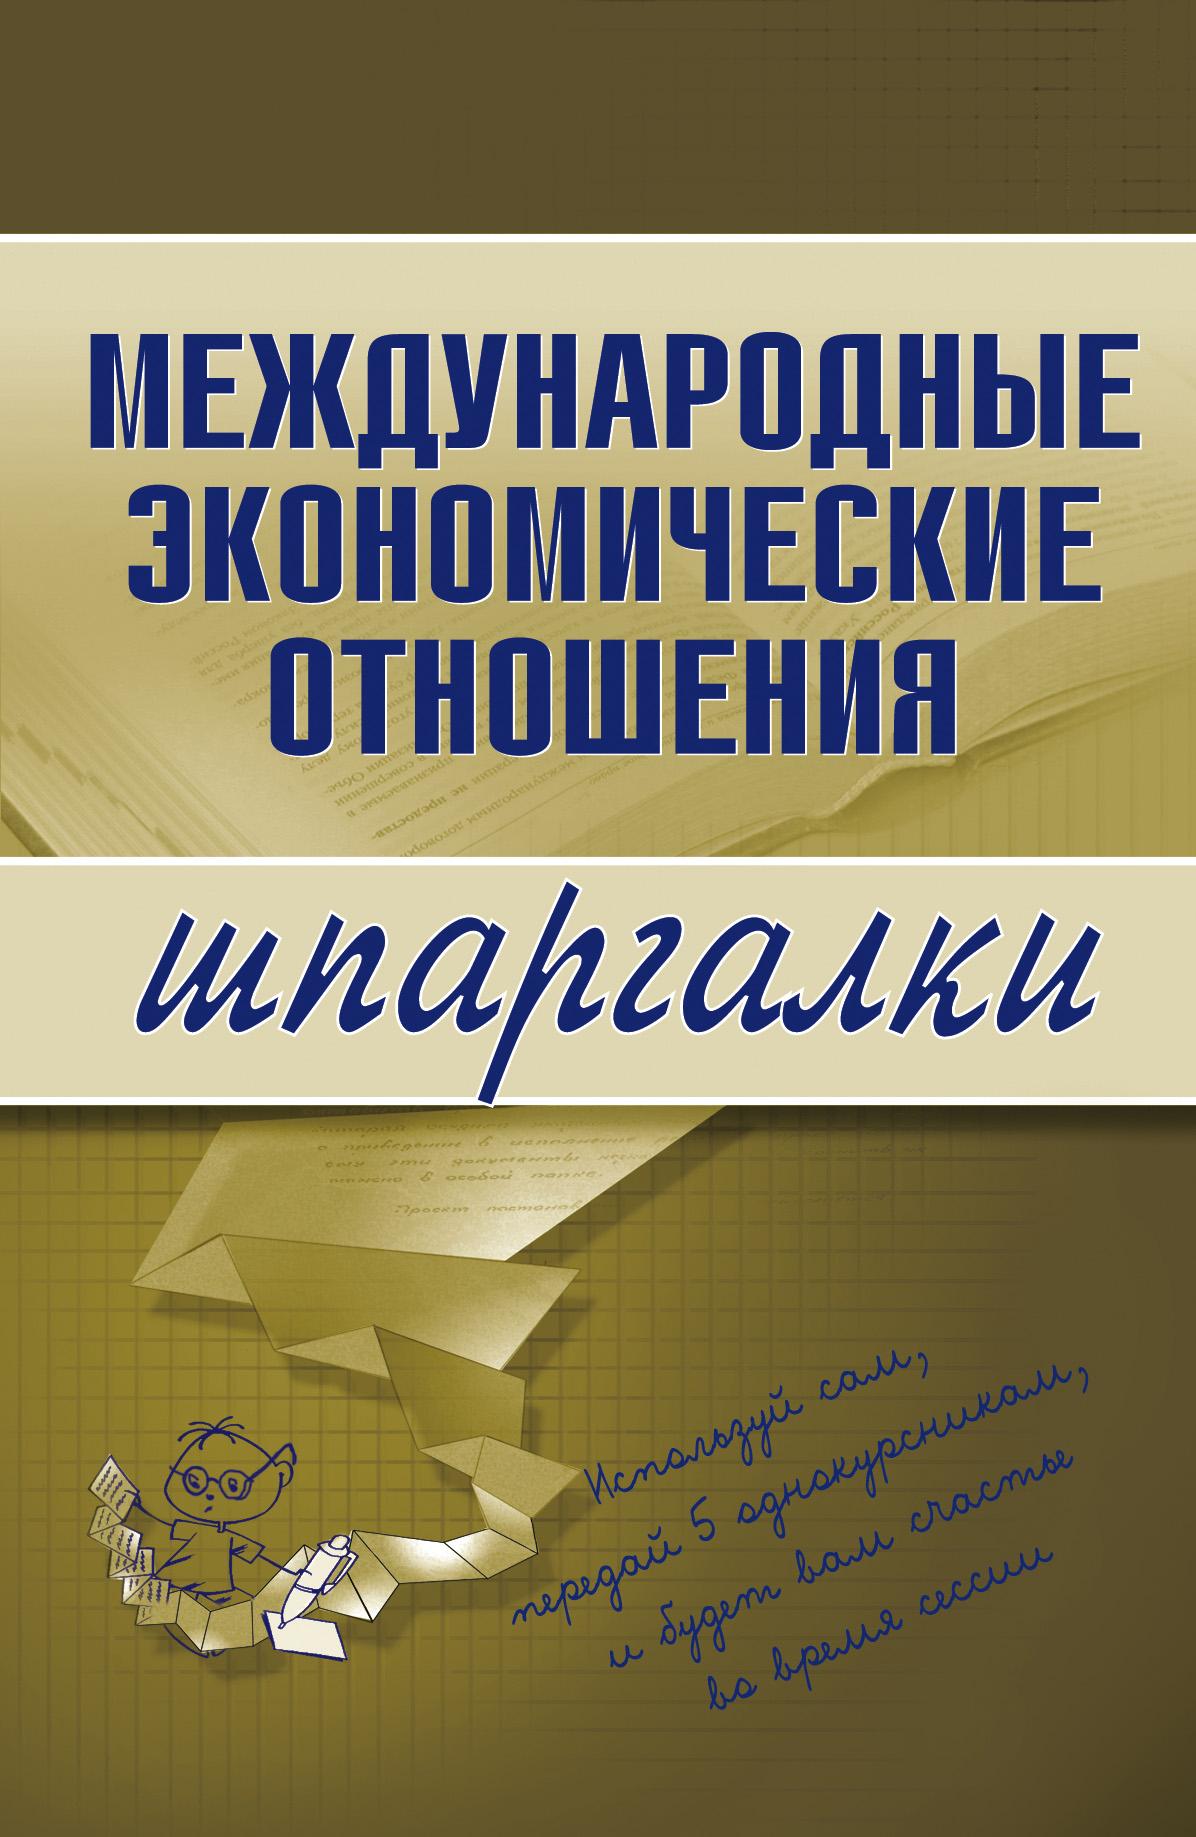 Н. С. Носова Международные экономические отношения архивы раскрывают тайны международные вопросы события и люди